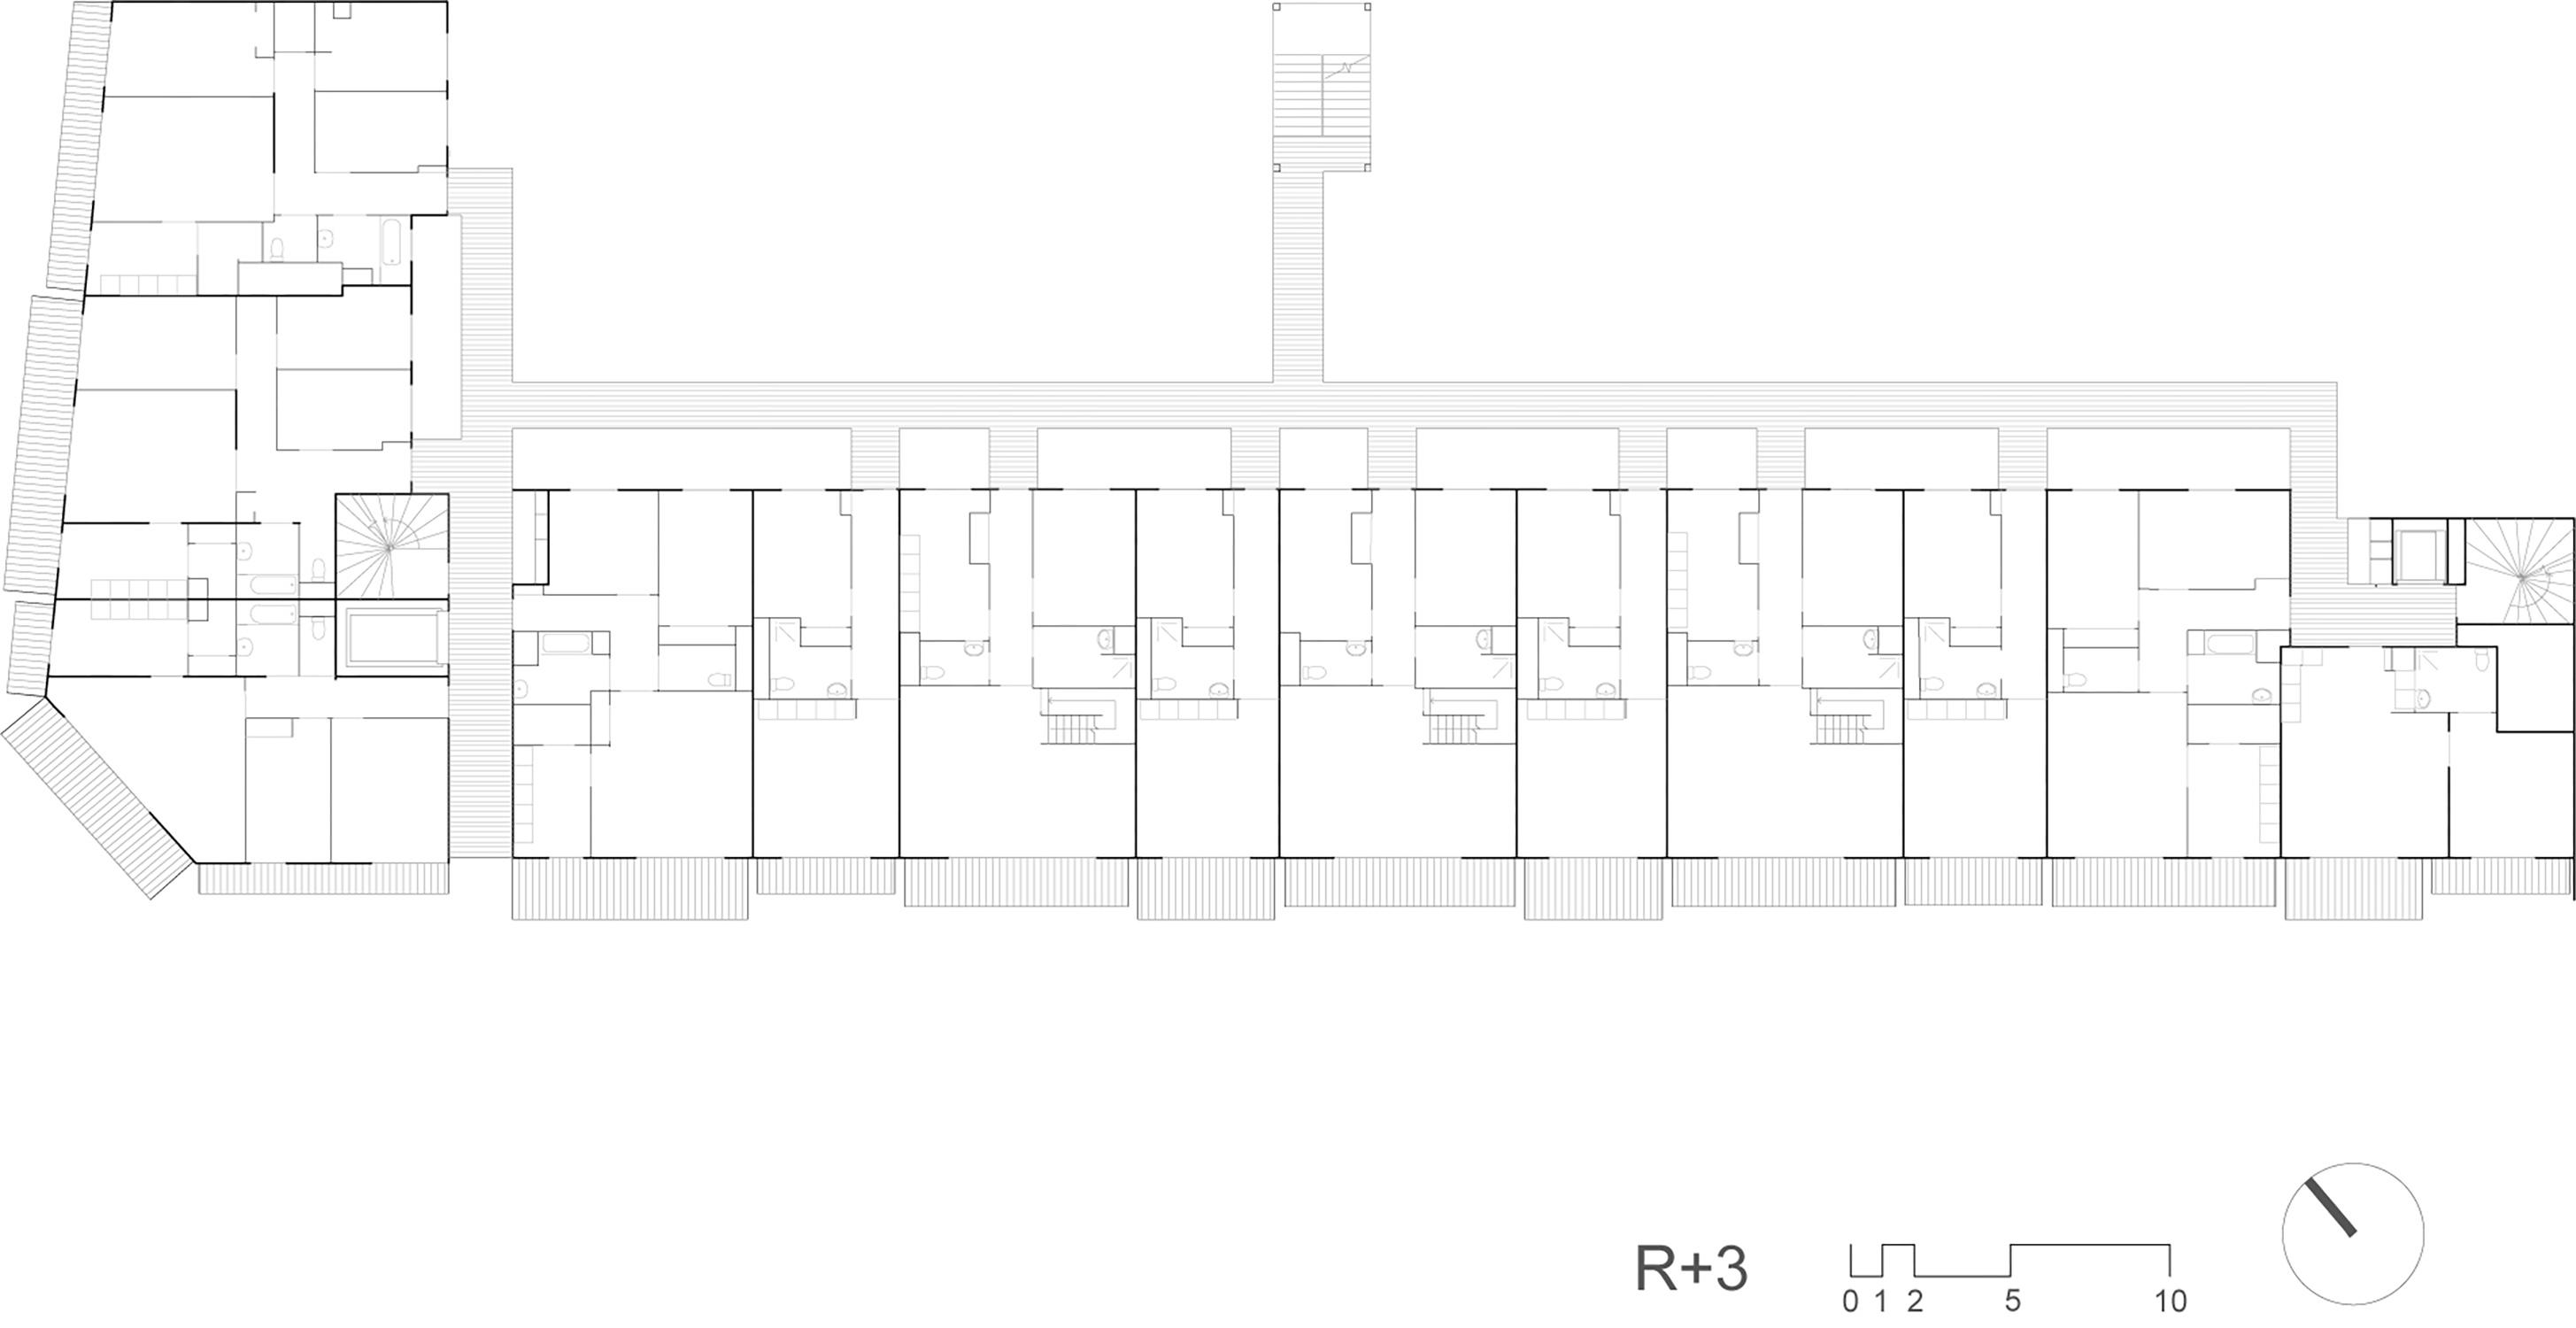 Plan-R+3 }